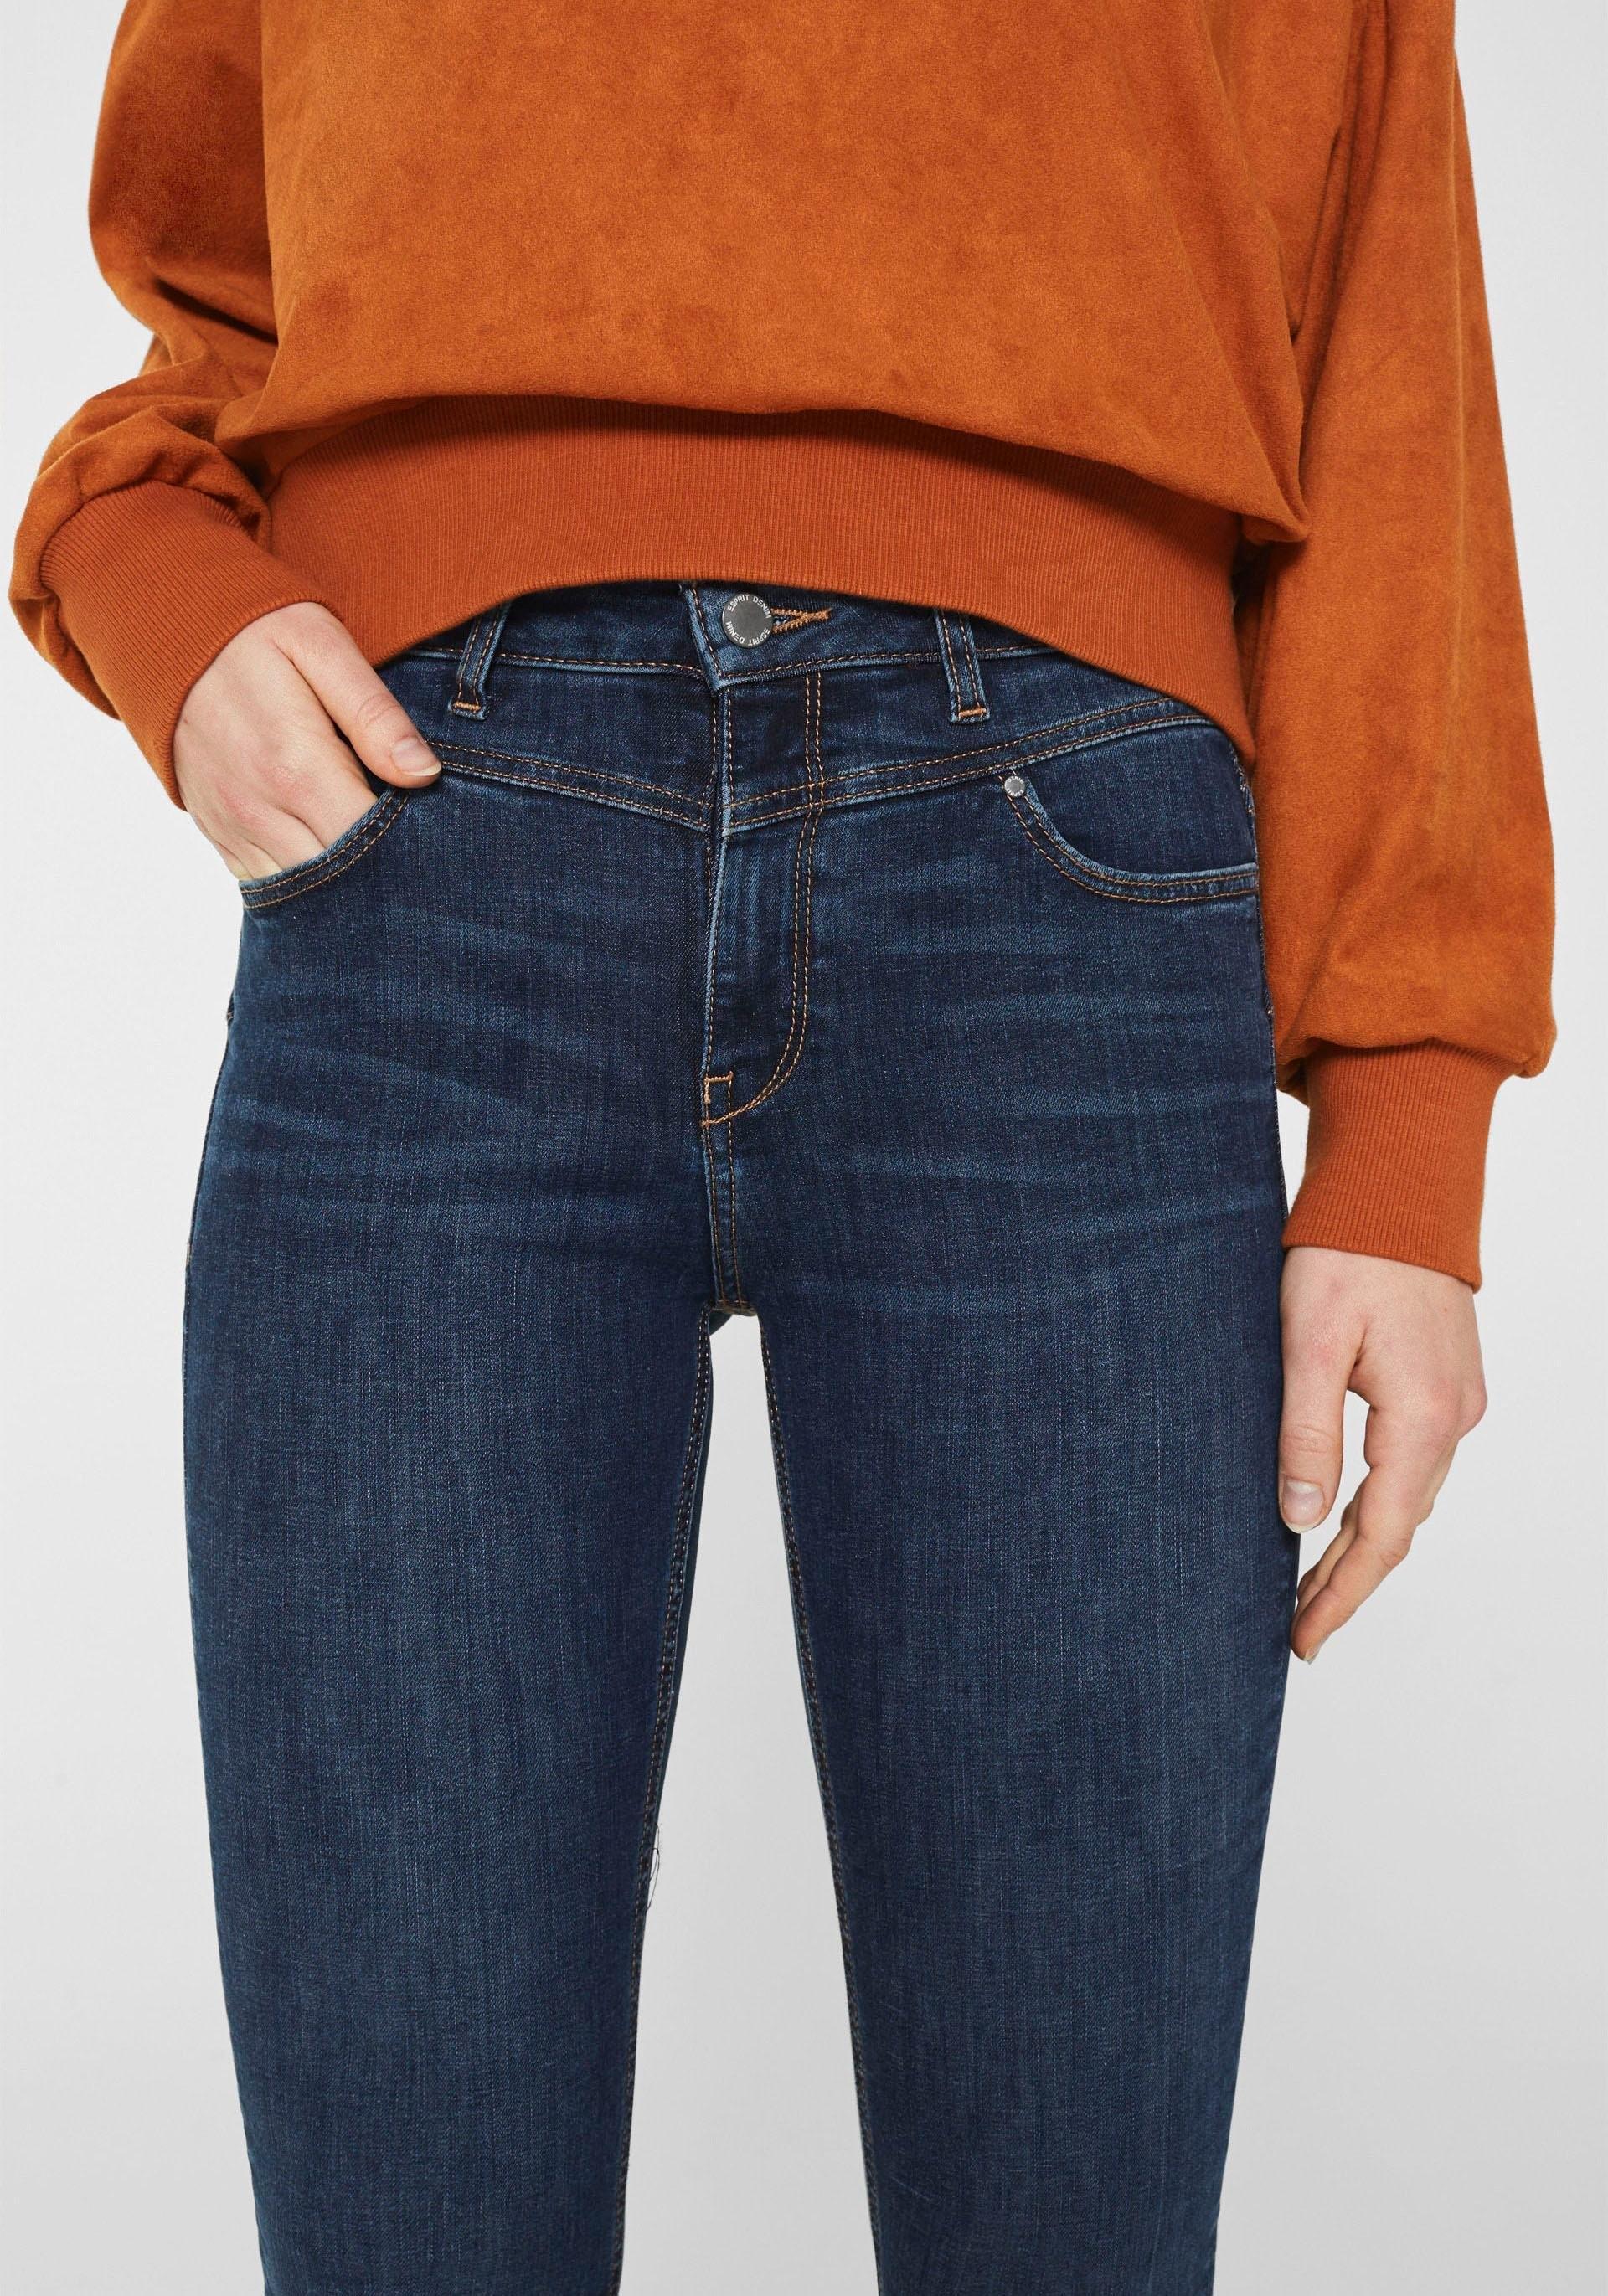 ESPRIT stretch jeans voordelig en veilig online kopen